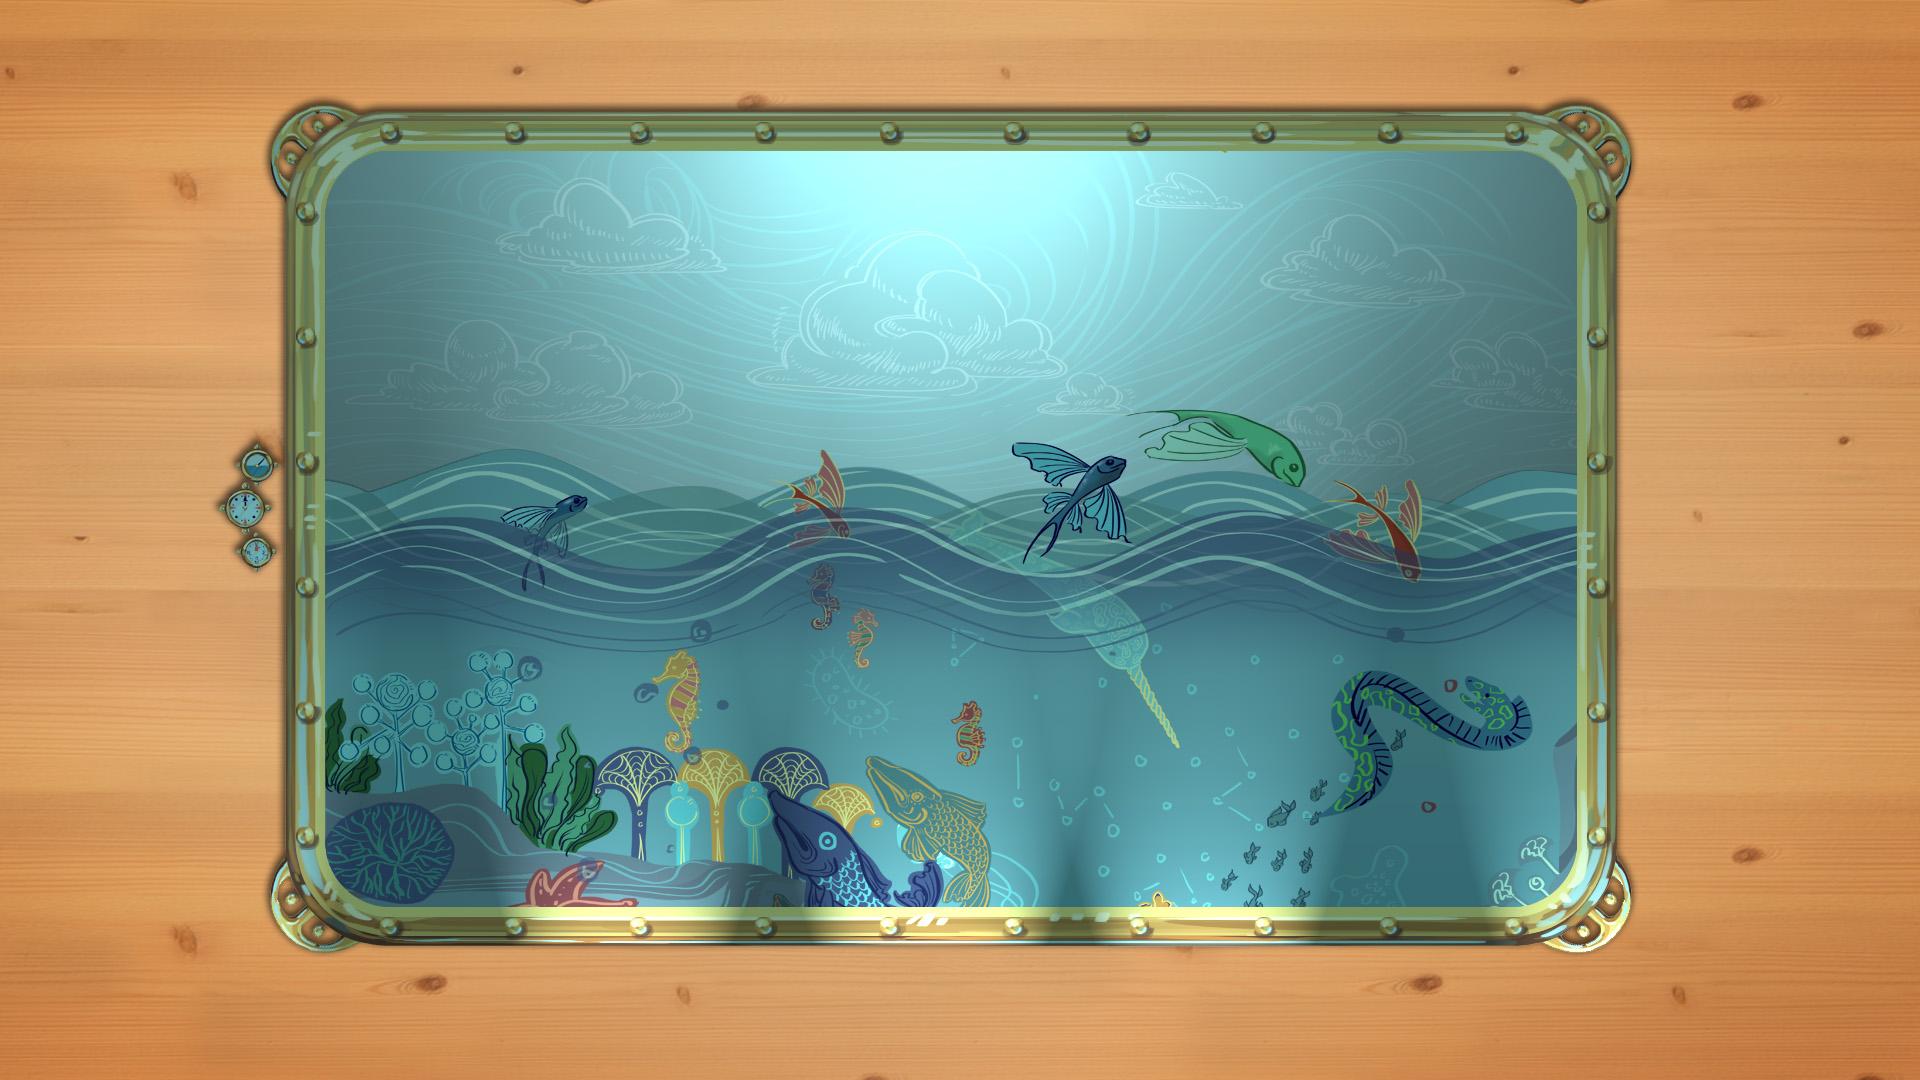 Google Images For Desktop Background wallpaper   504721 1920x1080